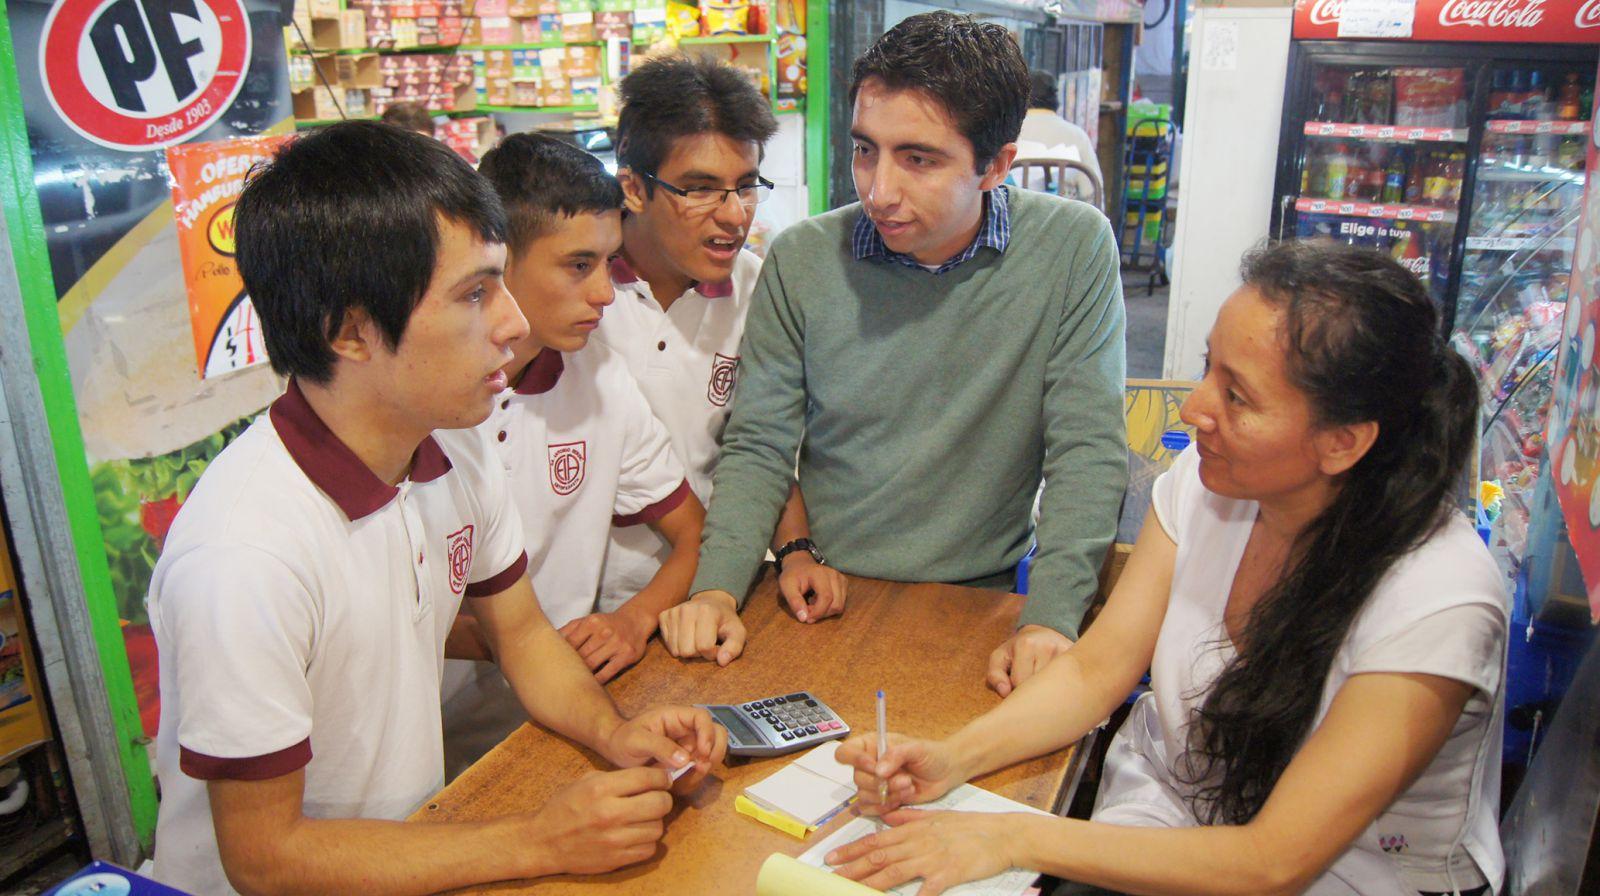 plan-laboral-ceia-recibe-significativo-aporte-de-la-vega-central-de-antofagasta